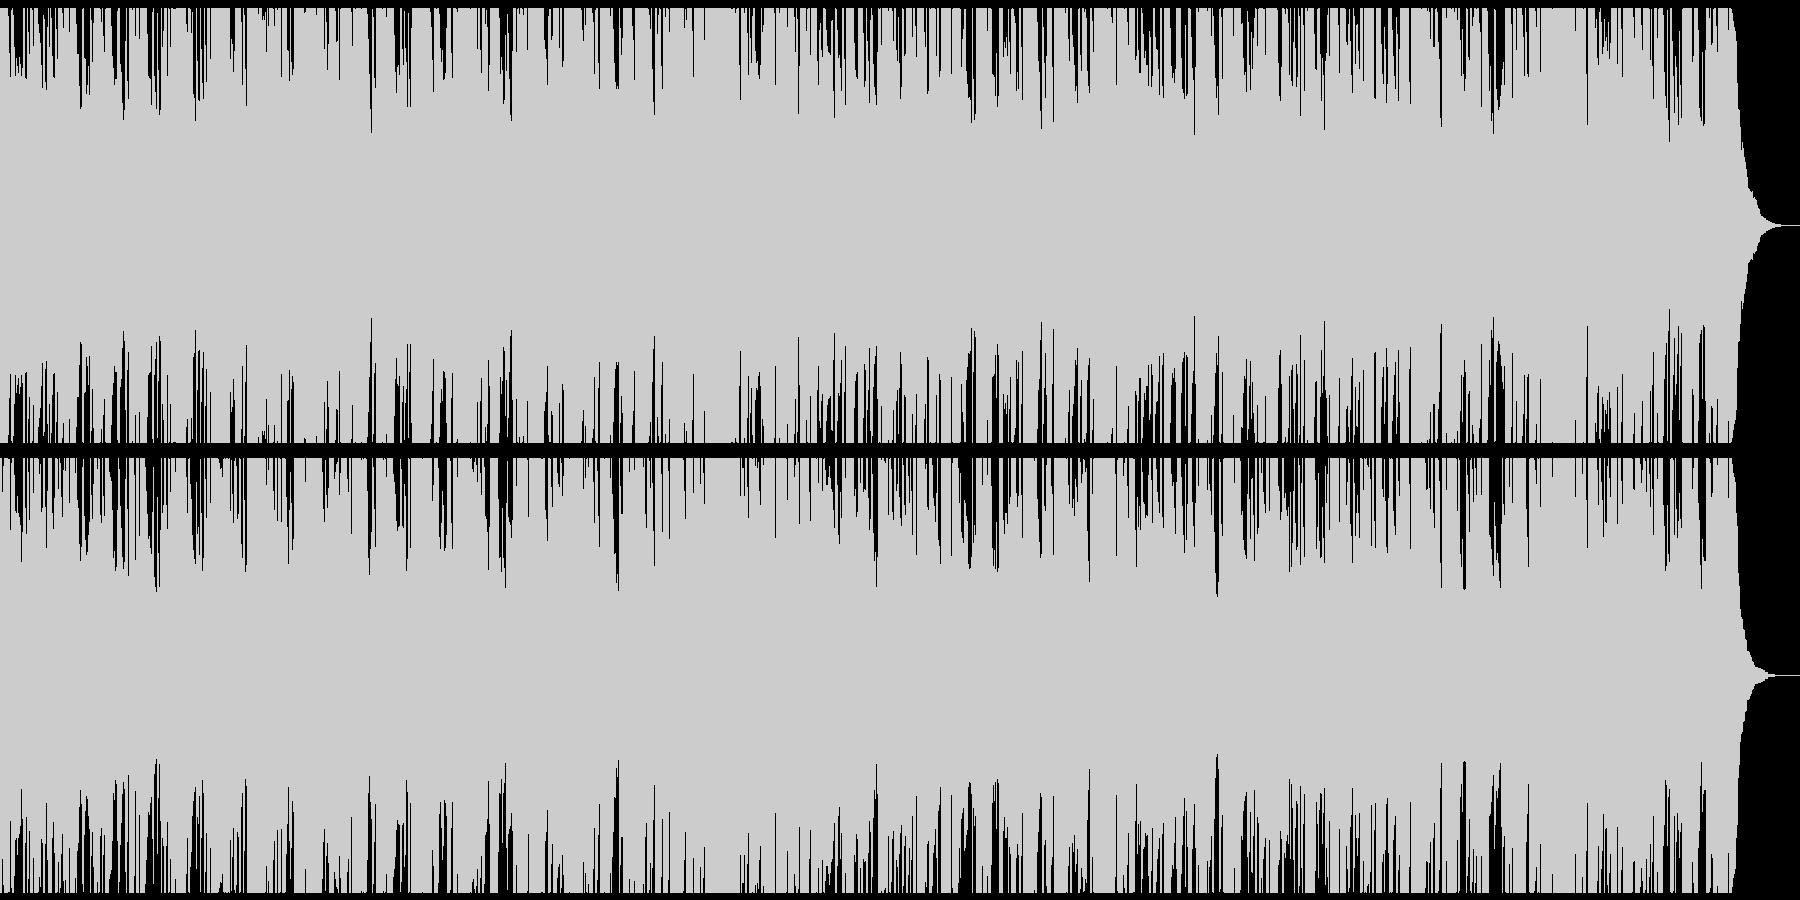 ノスタルジックなマンドリン生演奏のワルツの未再生の波形